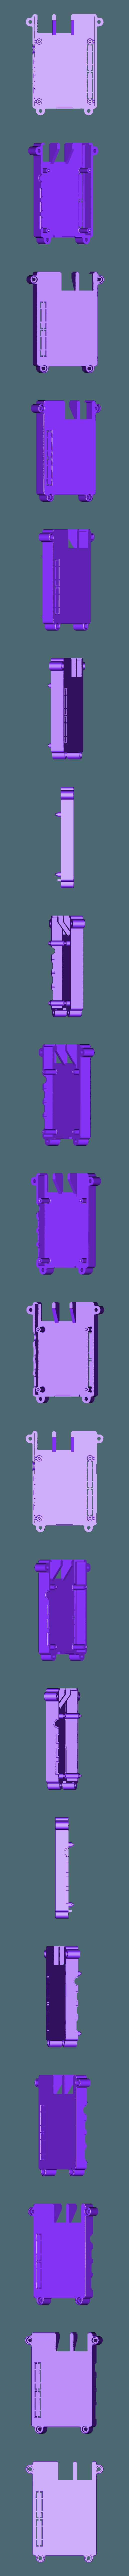 STANDARD_BLANK.STL Télécharger fichier STL gratuit Étui Pi 4B Framboise Framboise • Objet pour imprimante 3D, mkellsy